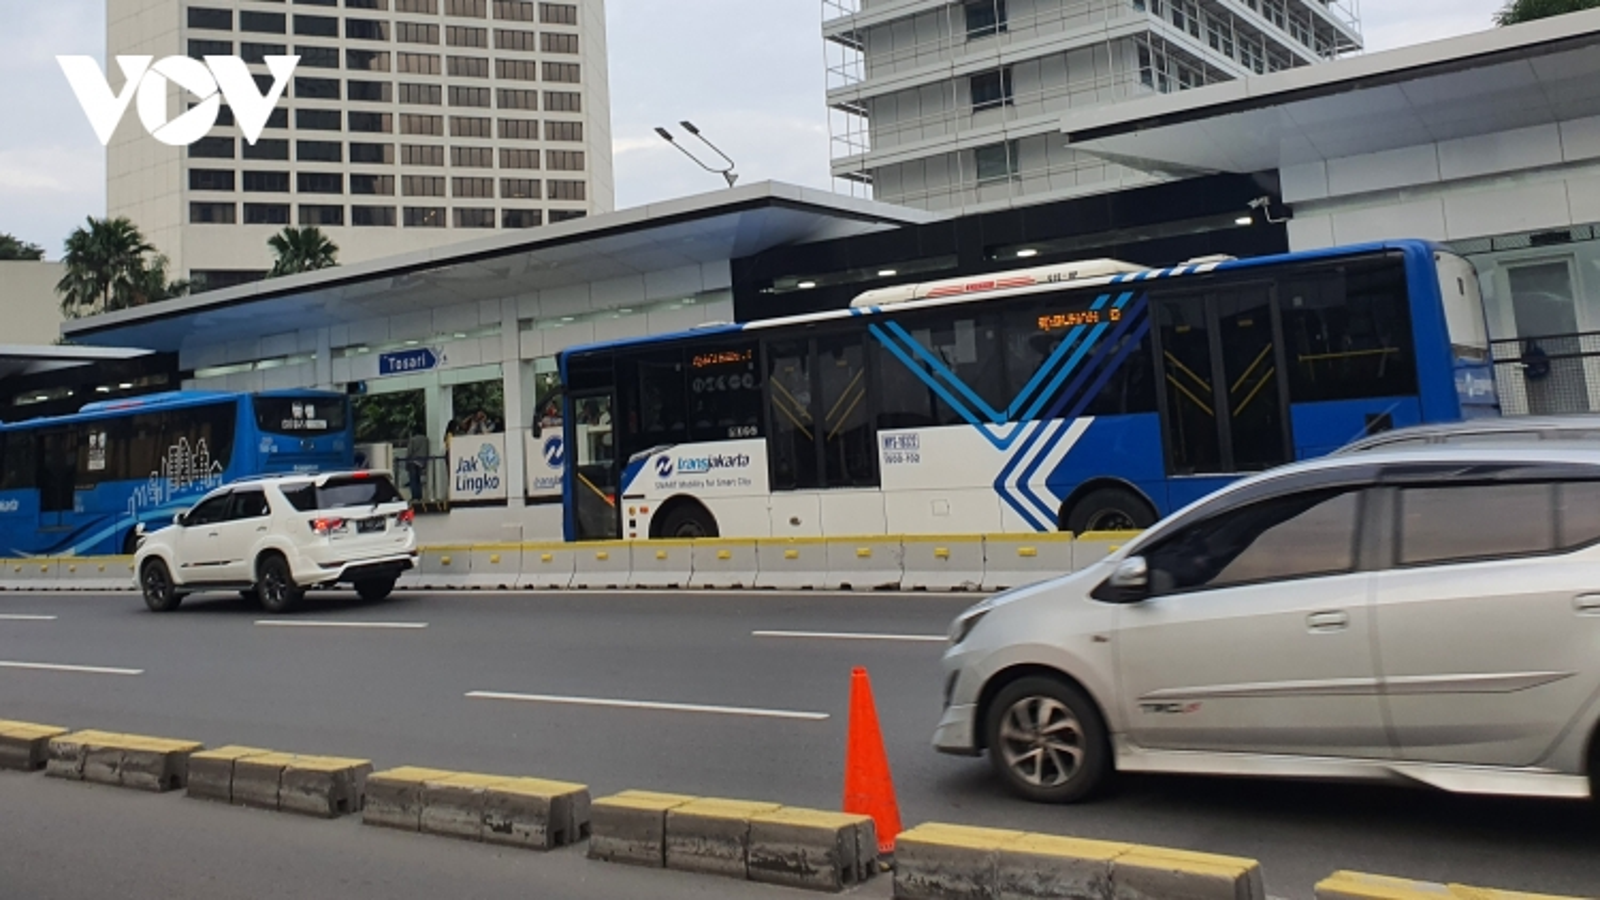 Tích hợp phương thức vận tải giúp Jakarta (Indonesia) đạt giải Giao thông bền vững